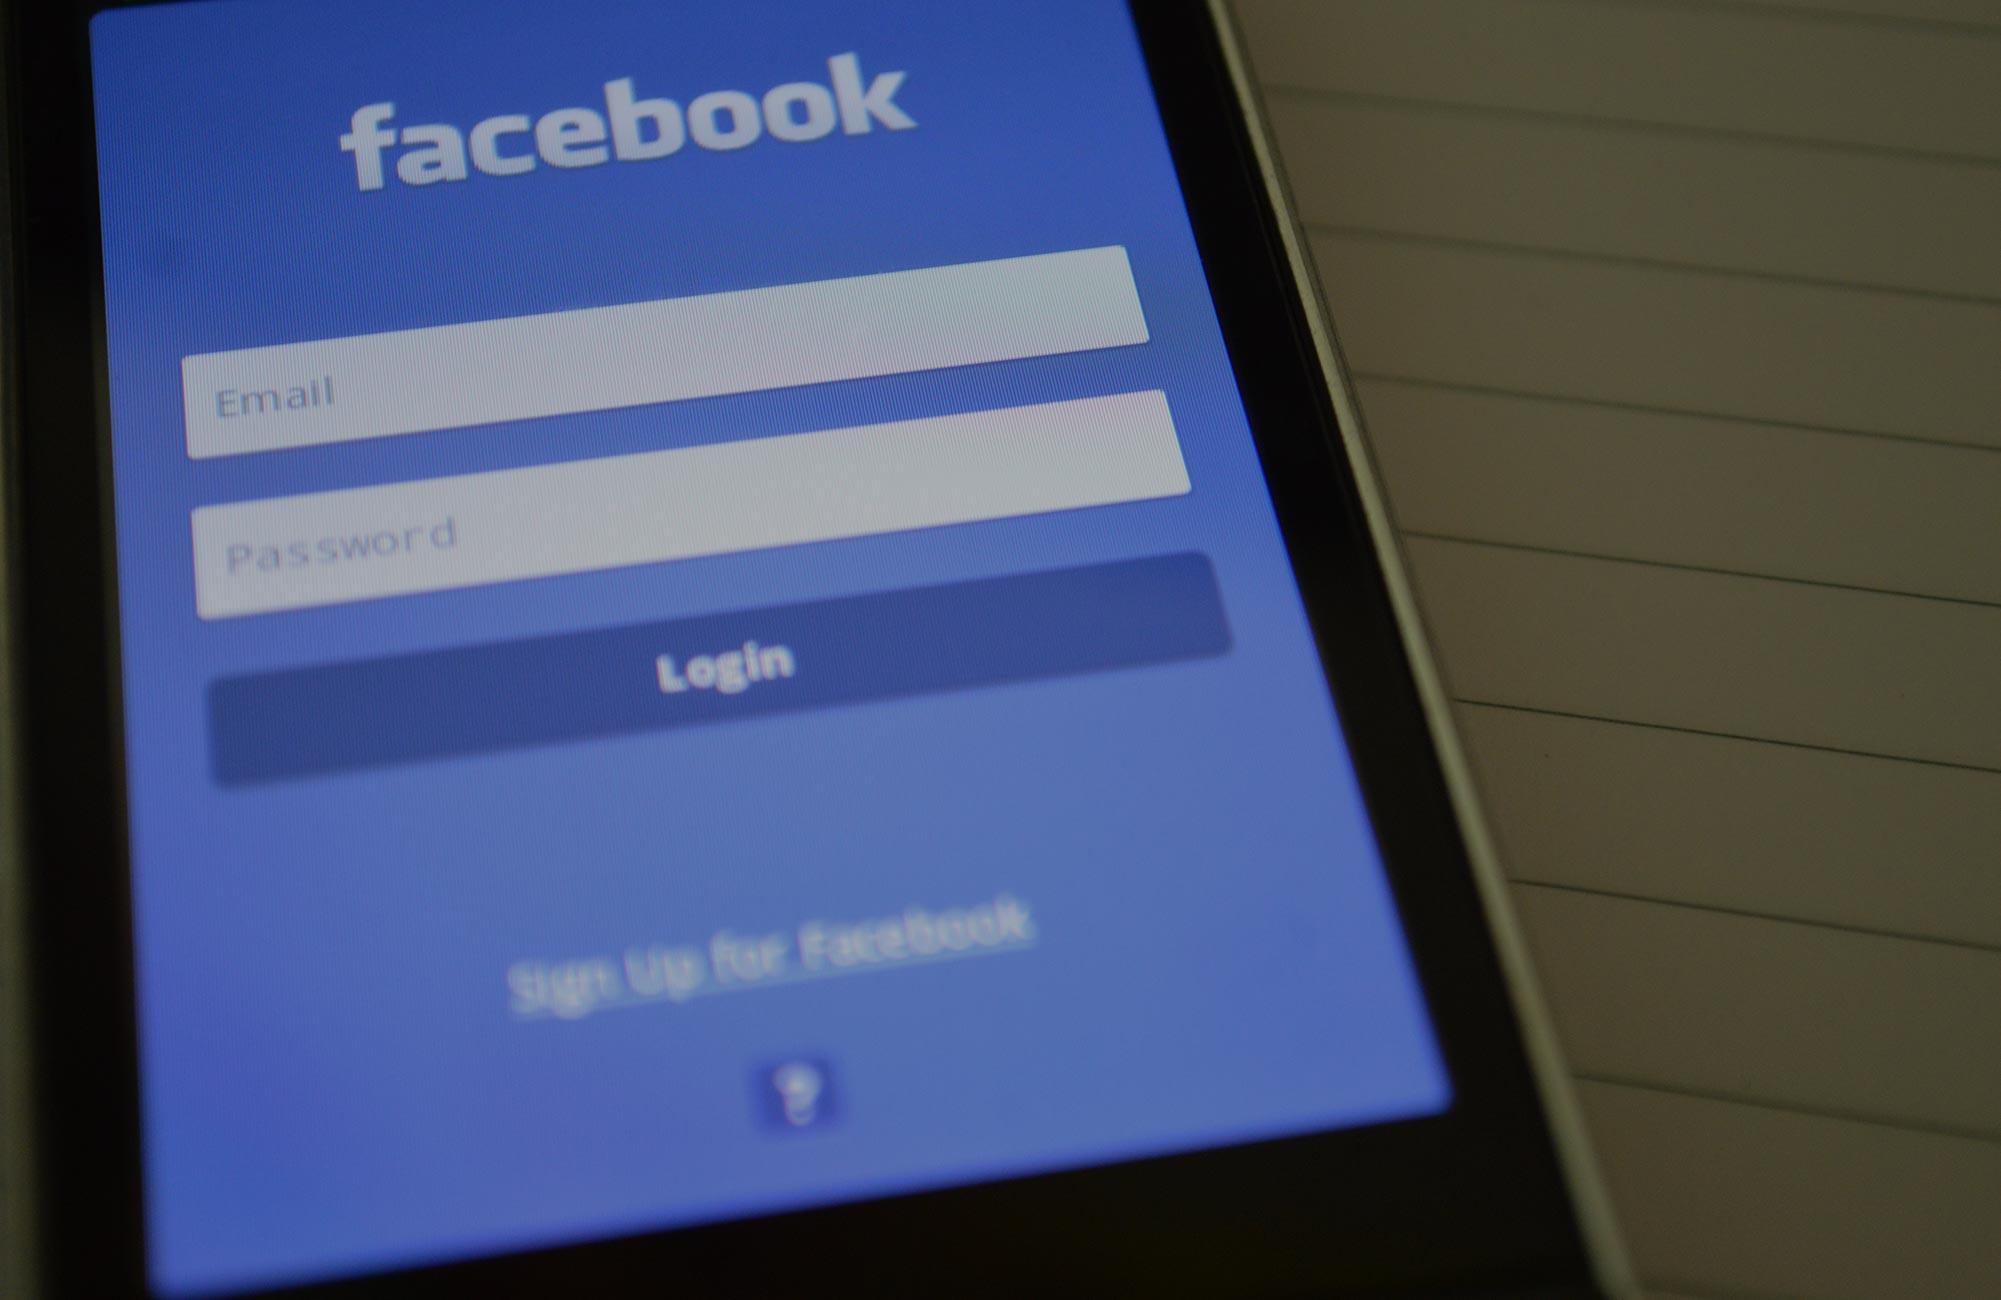 Vad är Facebooks minnessidor?